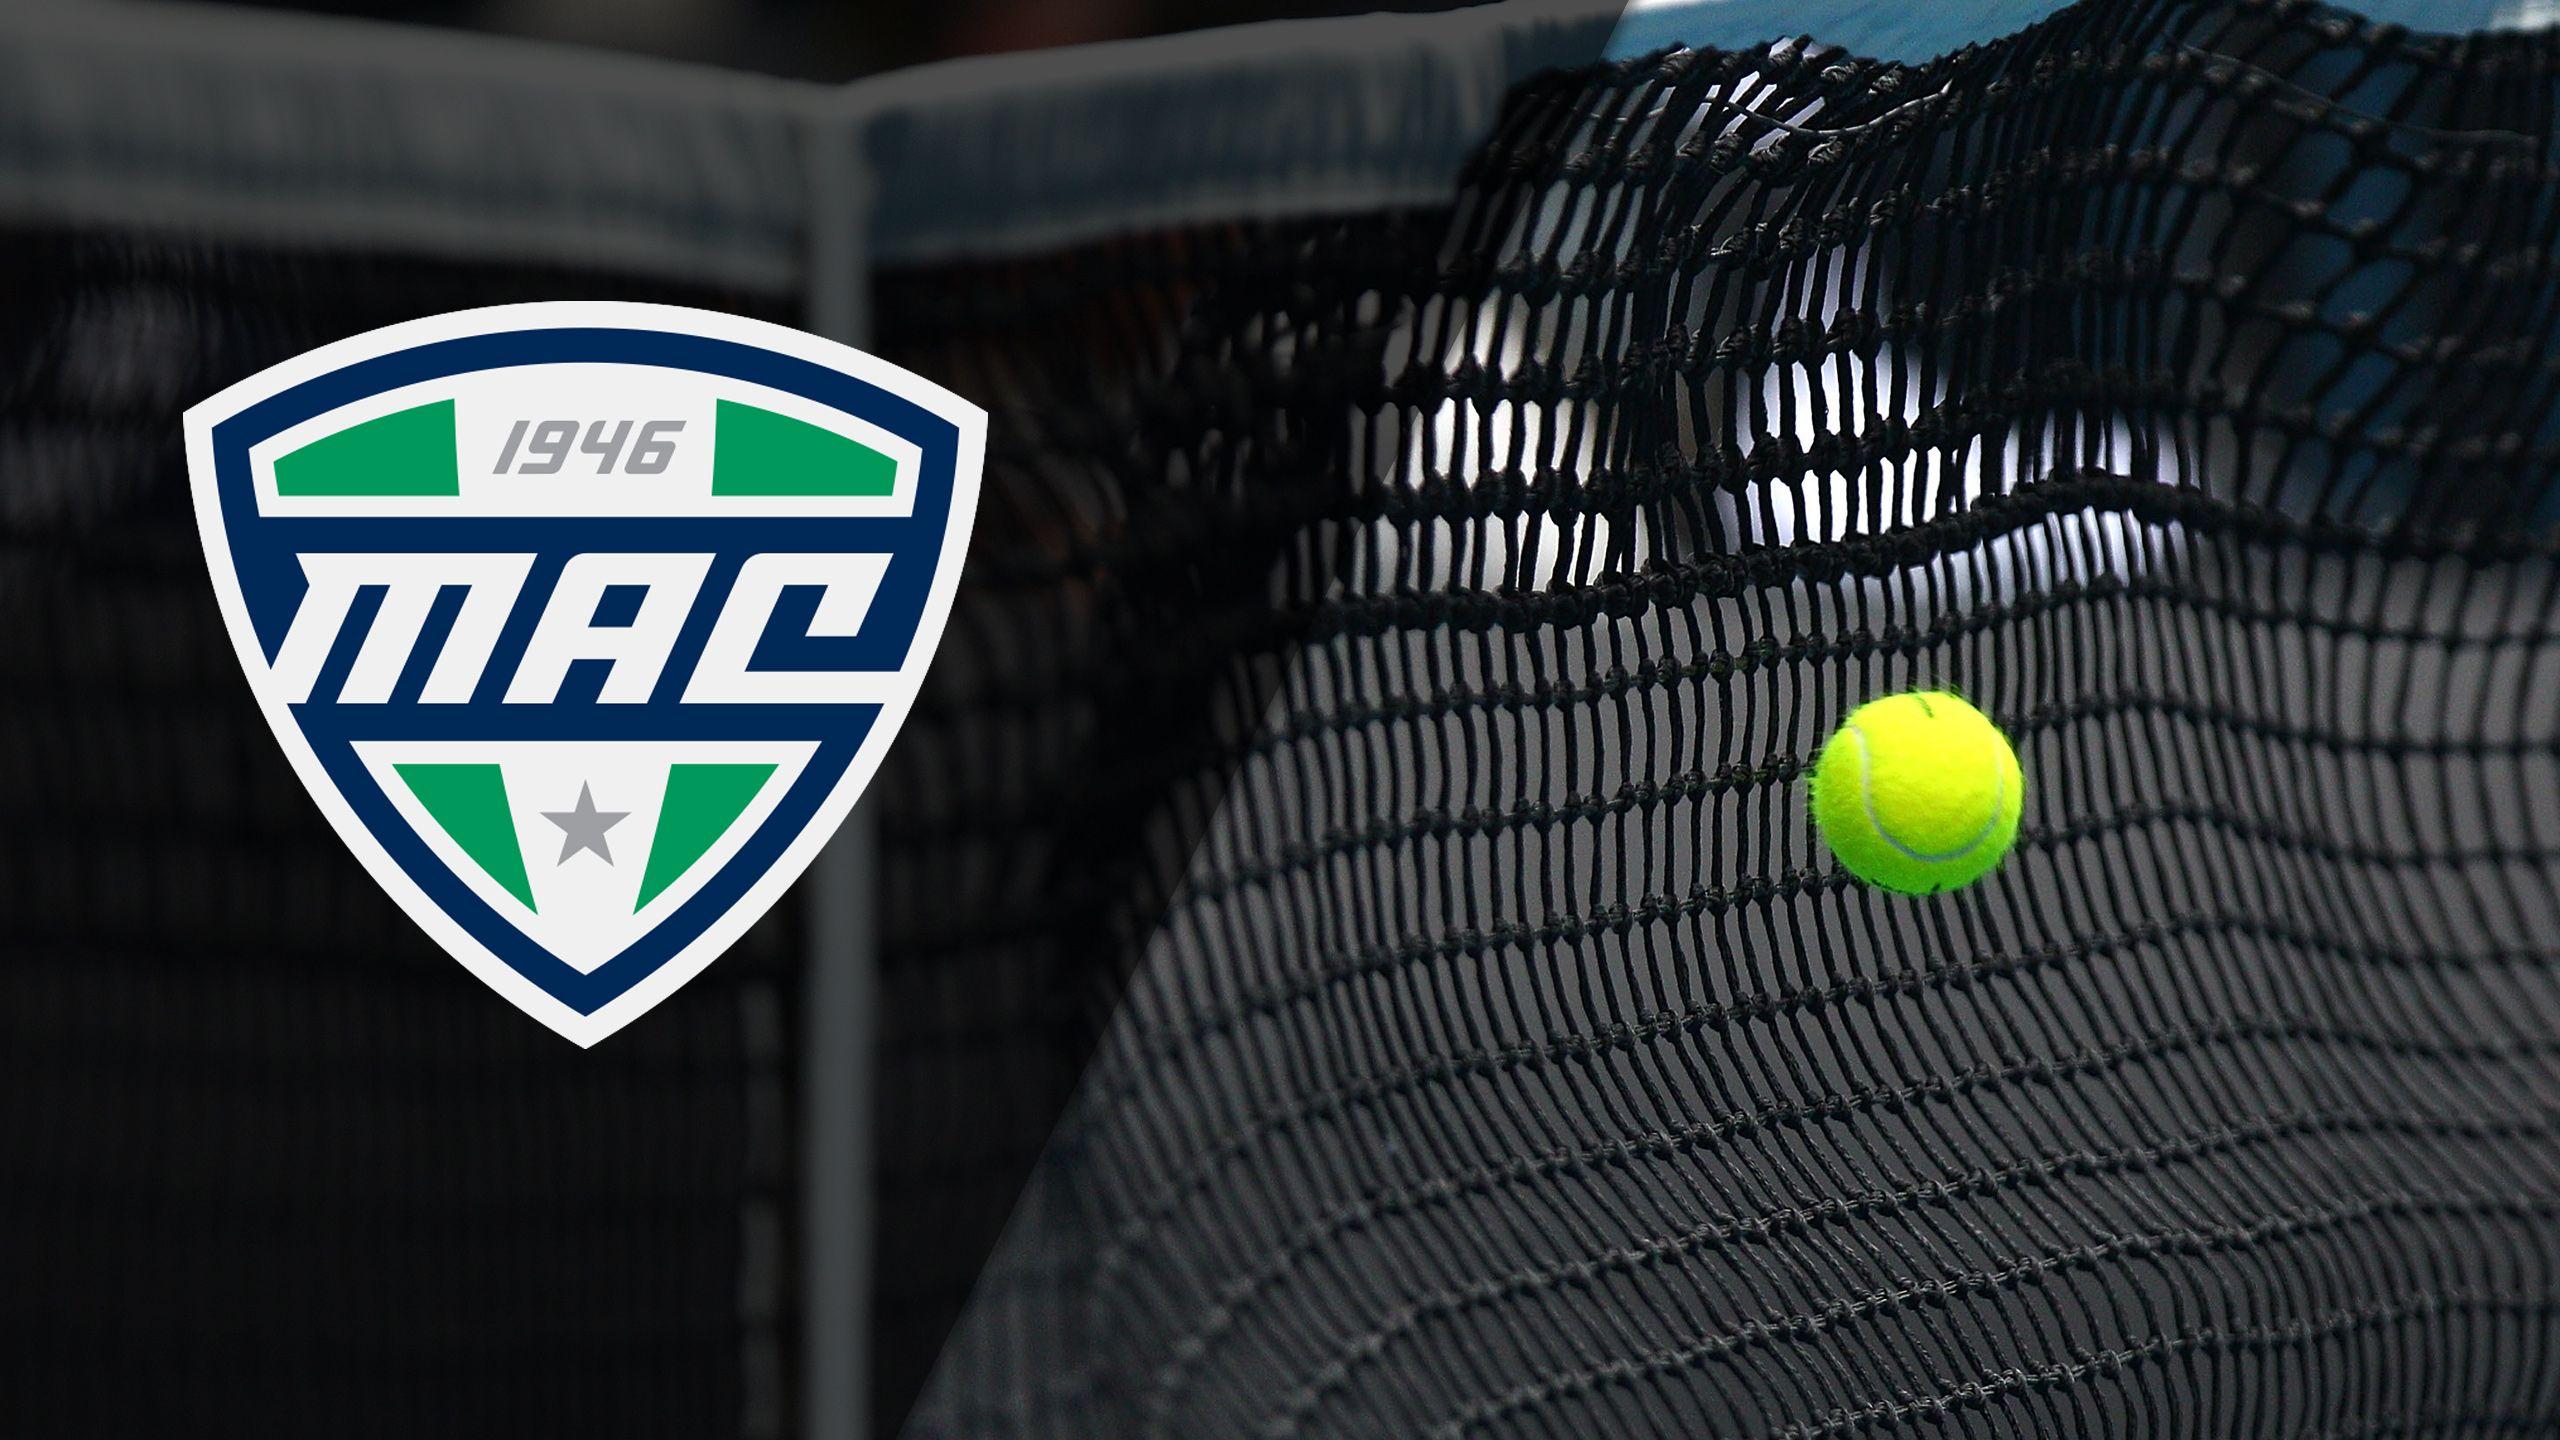 2017 MAC Women's Tennis Championship (MAC Women's Tennis Championship)